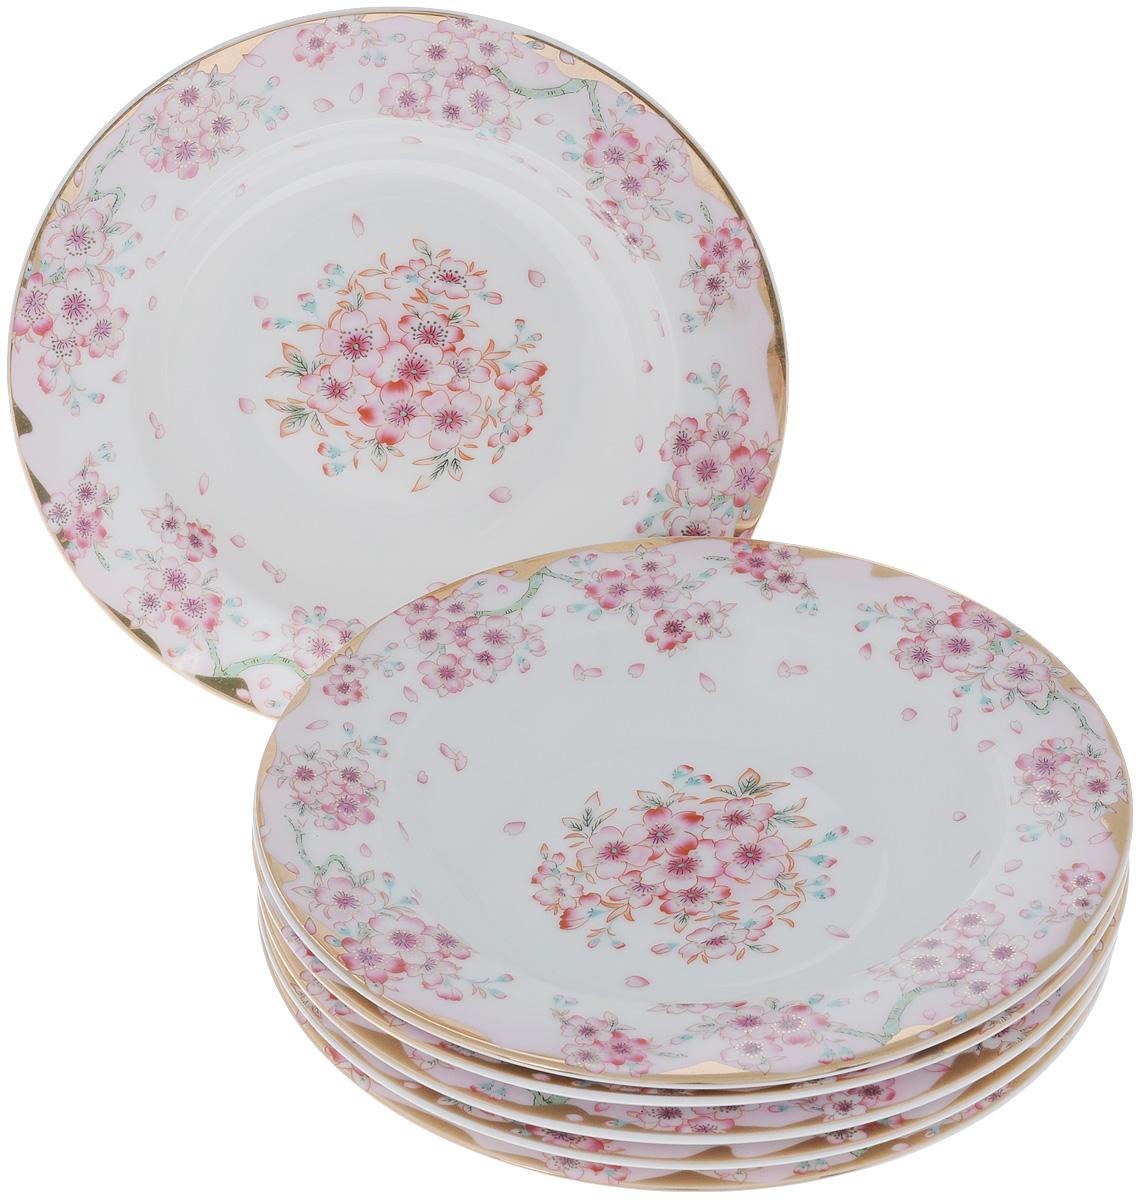 Набор суповых тарелок Elan Gallery Сакура, диаметр 21,5 см, 6 шт503628Набор Elan Gallery Сакура, выполненный из высококачественной керамики, состоит из 6 суповых тарелок и предназначен для красивой сервировки блюд. Изделия украшены цветочным рисунком. Набор сочетает в себе стильный дизайн с максимальной функциональностью. Оригинальность оформления придется по вкусу и ценителям классики, и тем, кто предпочитает утонченность и изящность. Не использовать в микроволновой печи. Диаметр по верхнему краю: 21,5 см.